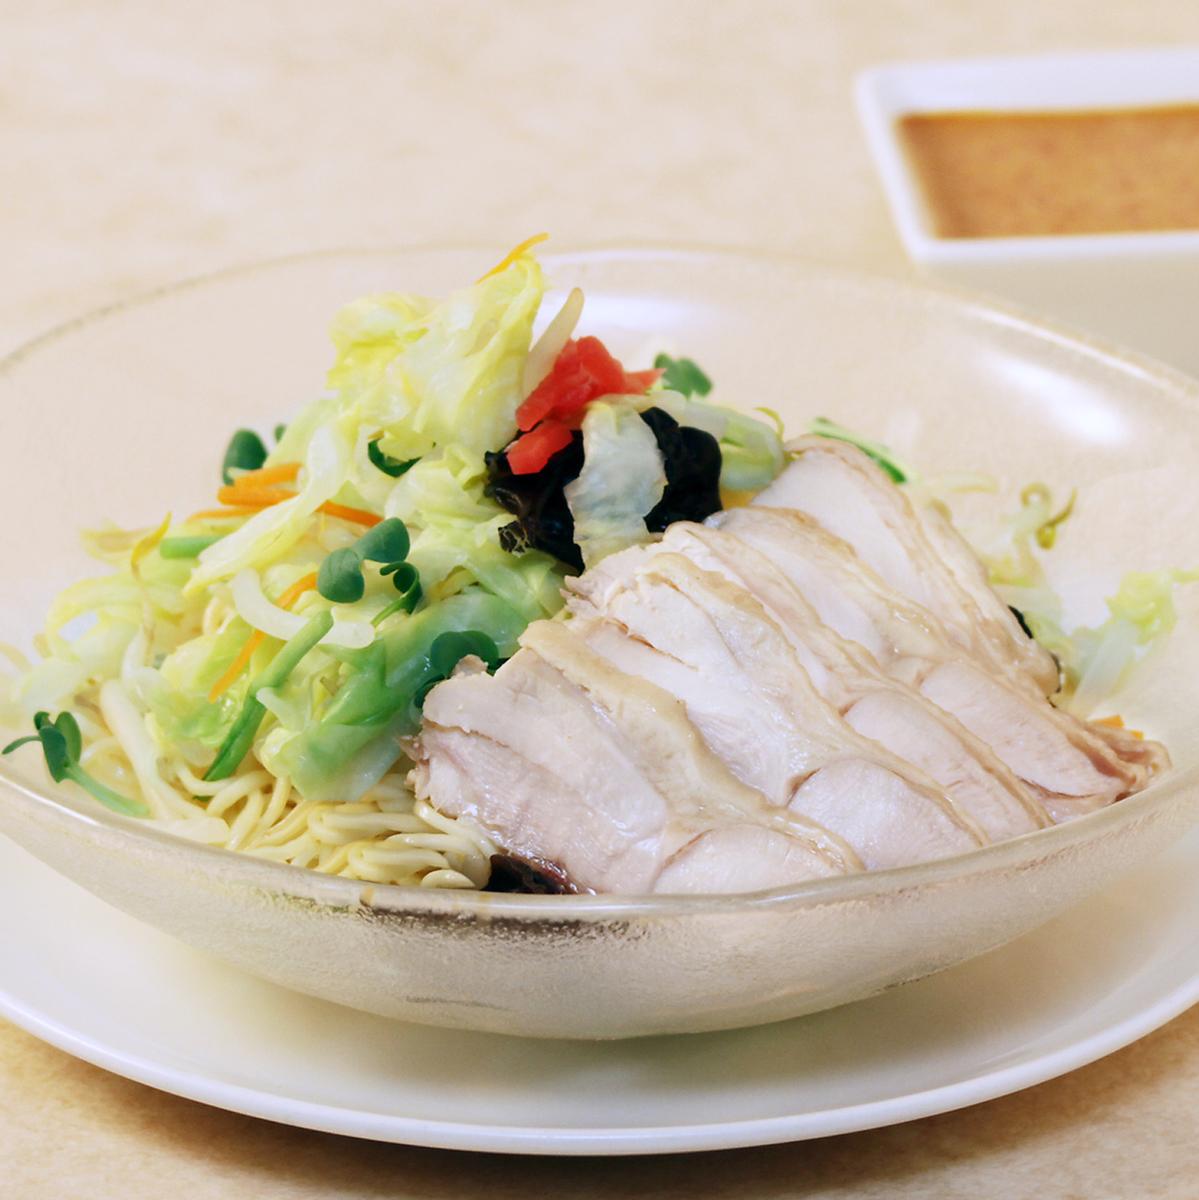 Bunbungee noodles